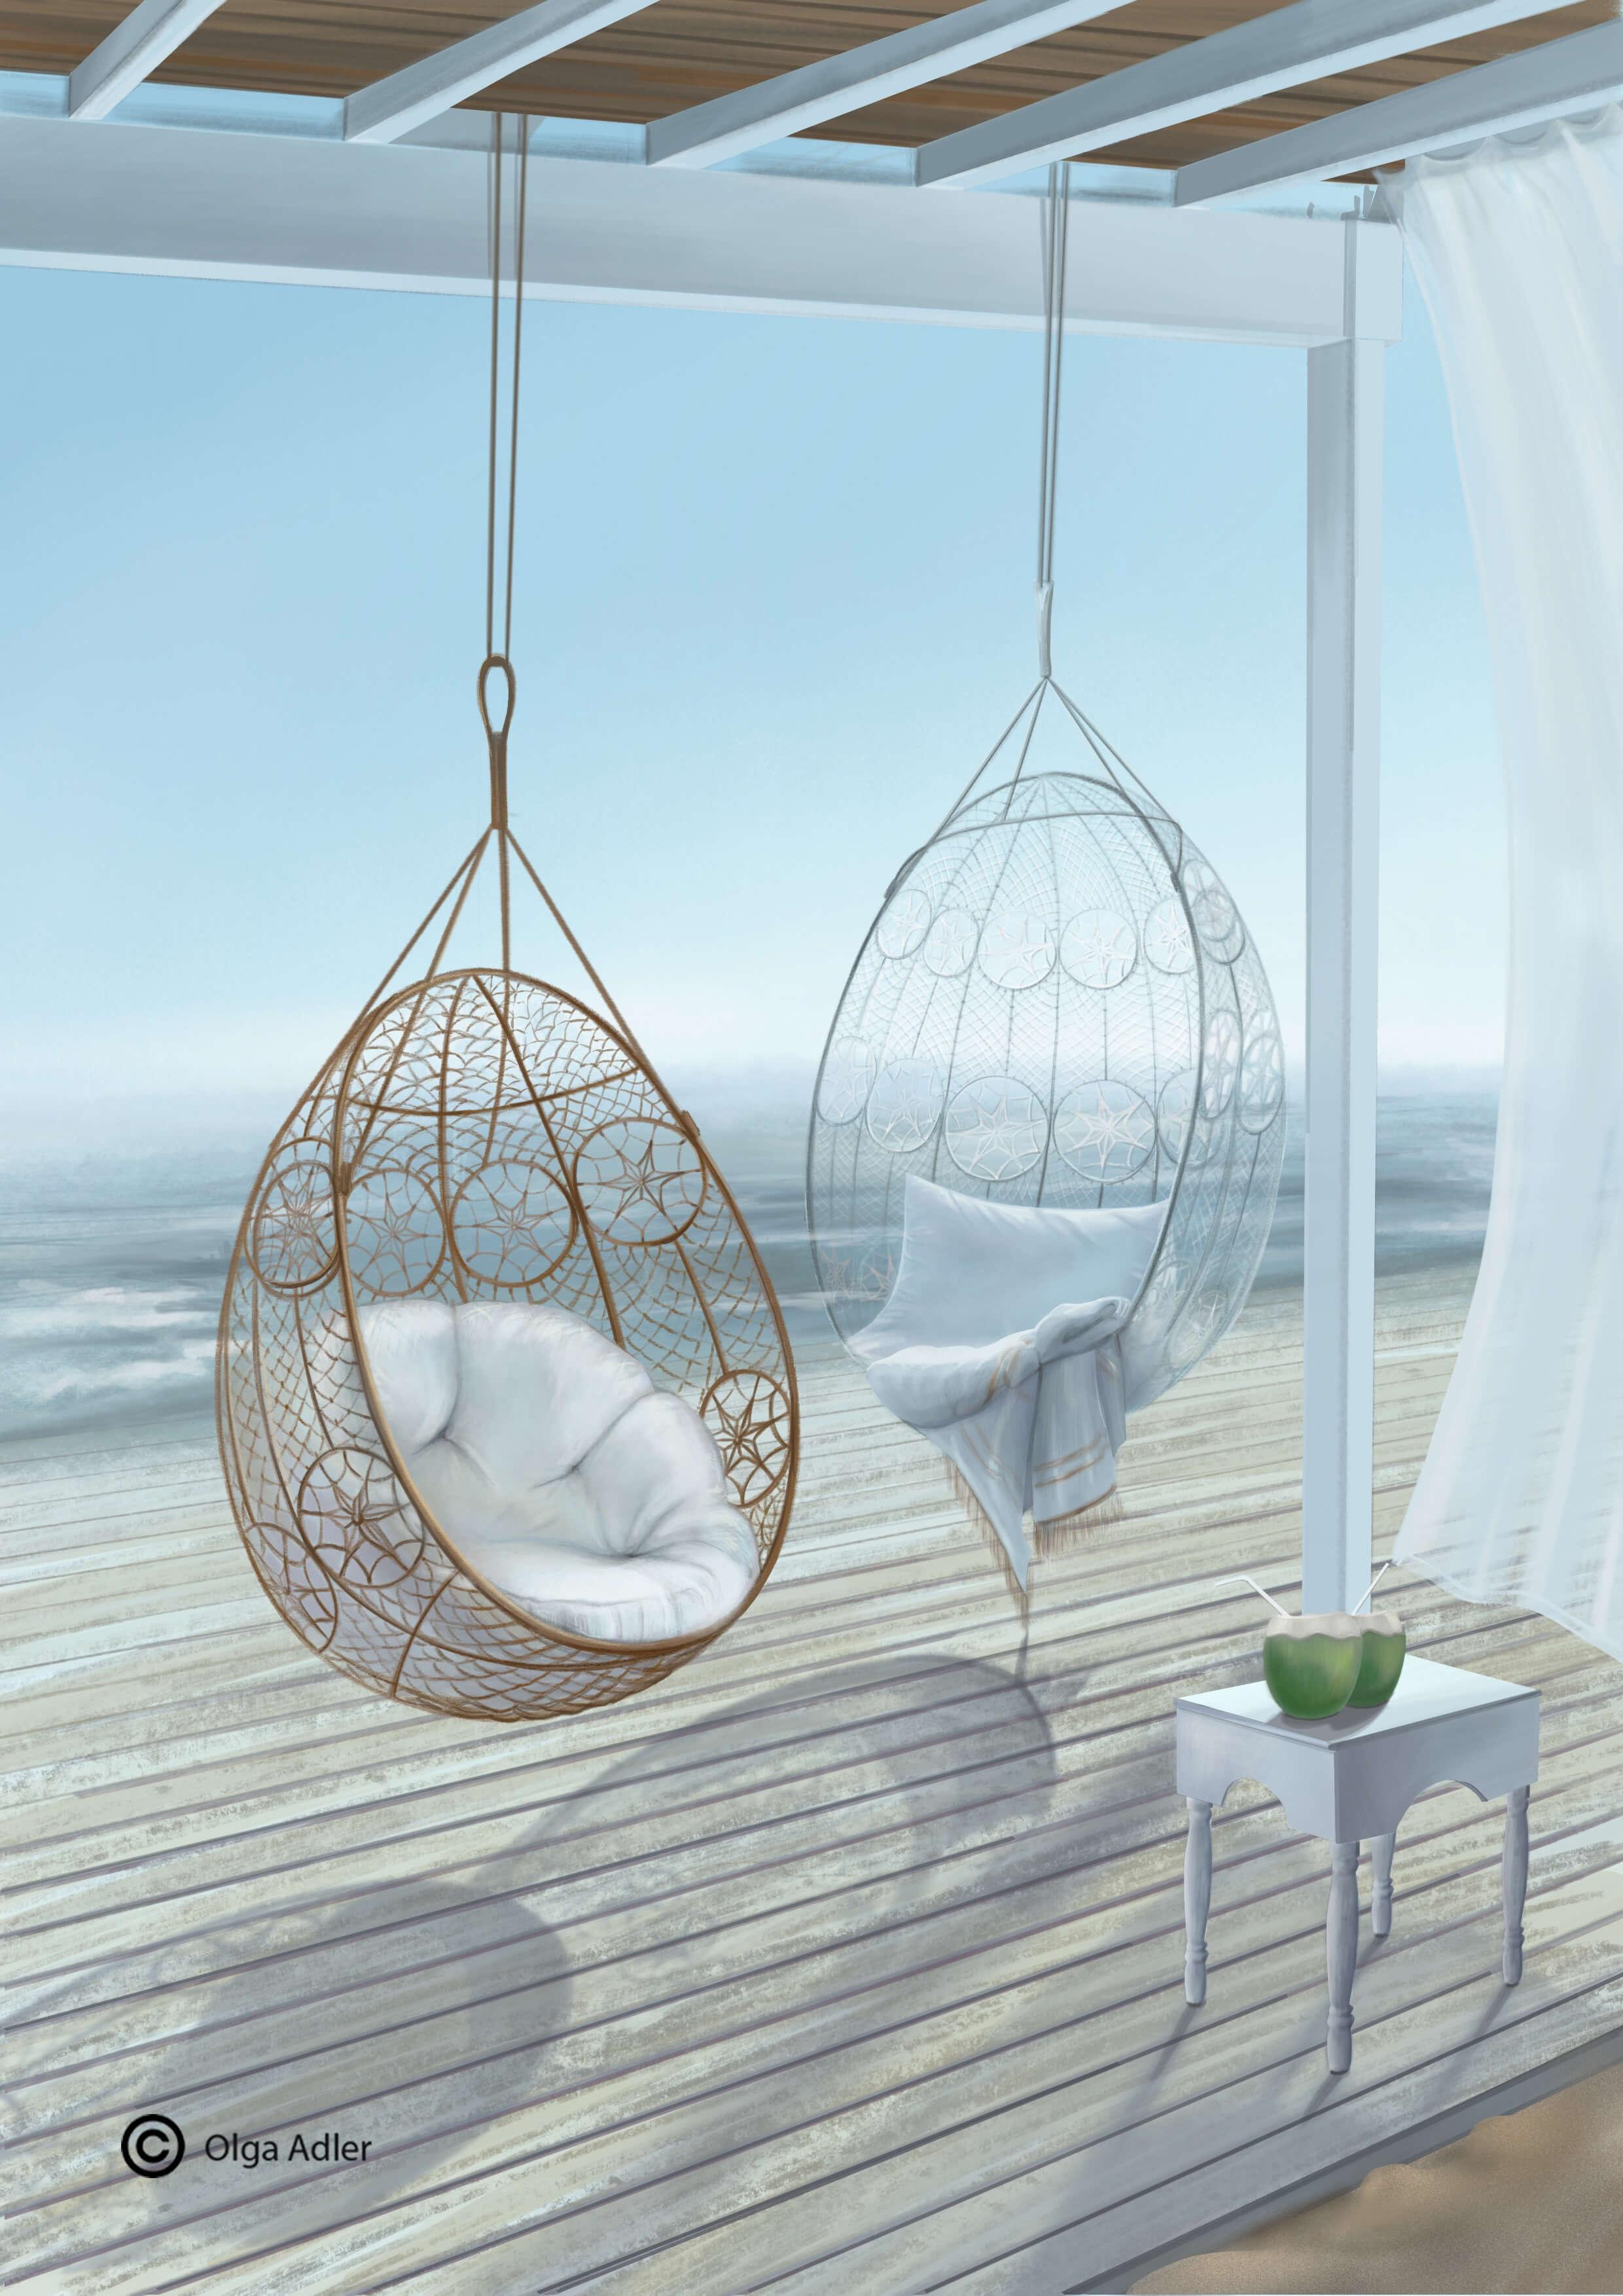 Vakantie zeegezicht met hangstoelen op het terras | Interior Sketch